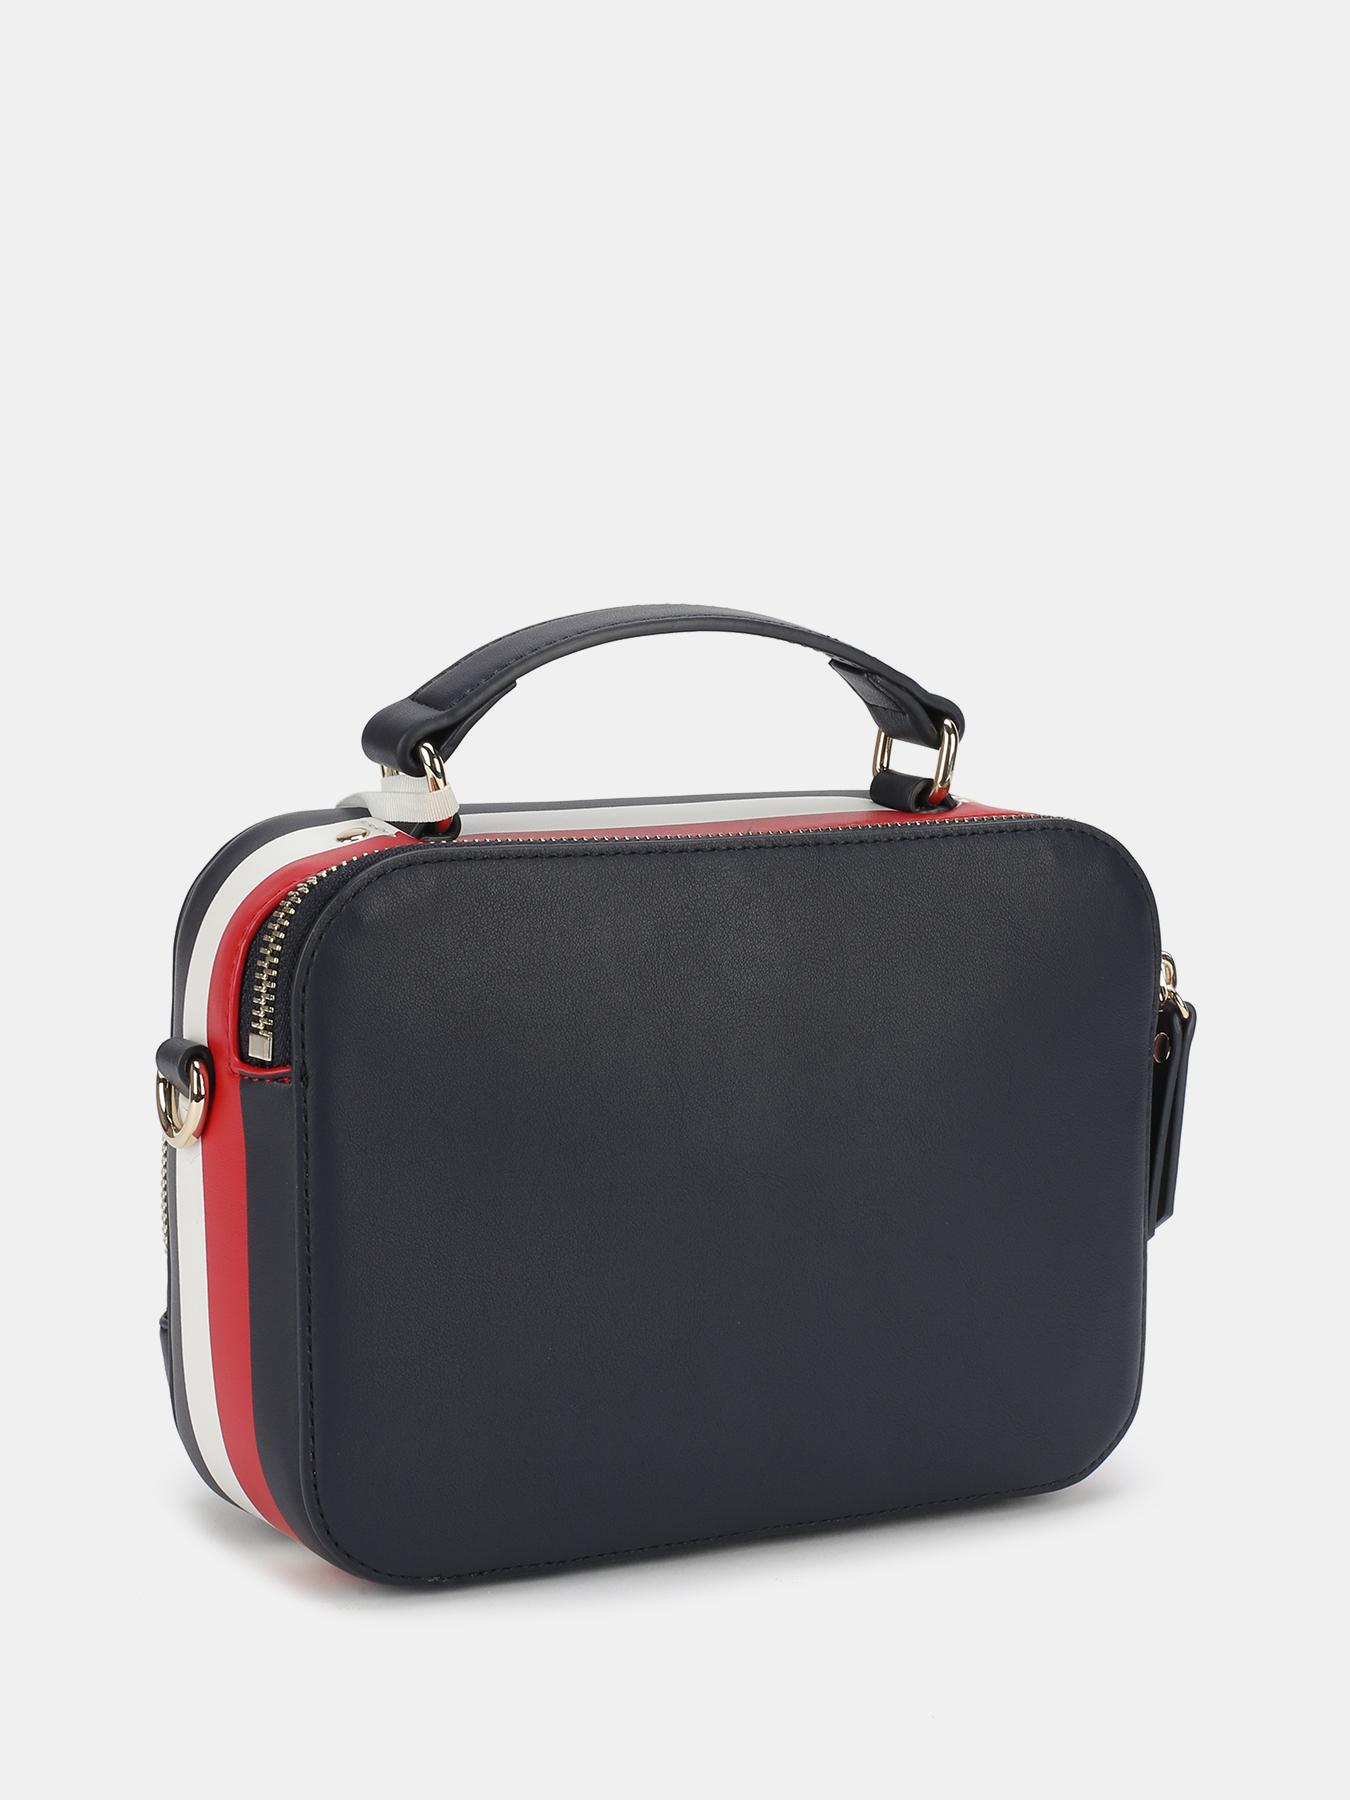 Сумка Tommy Hilfiger Сумка сумка